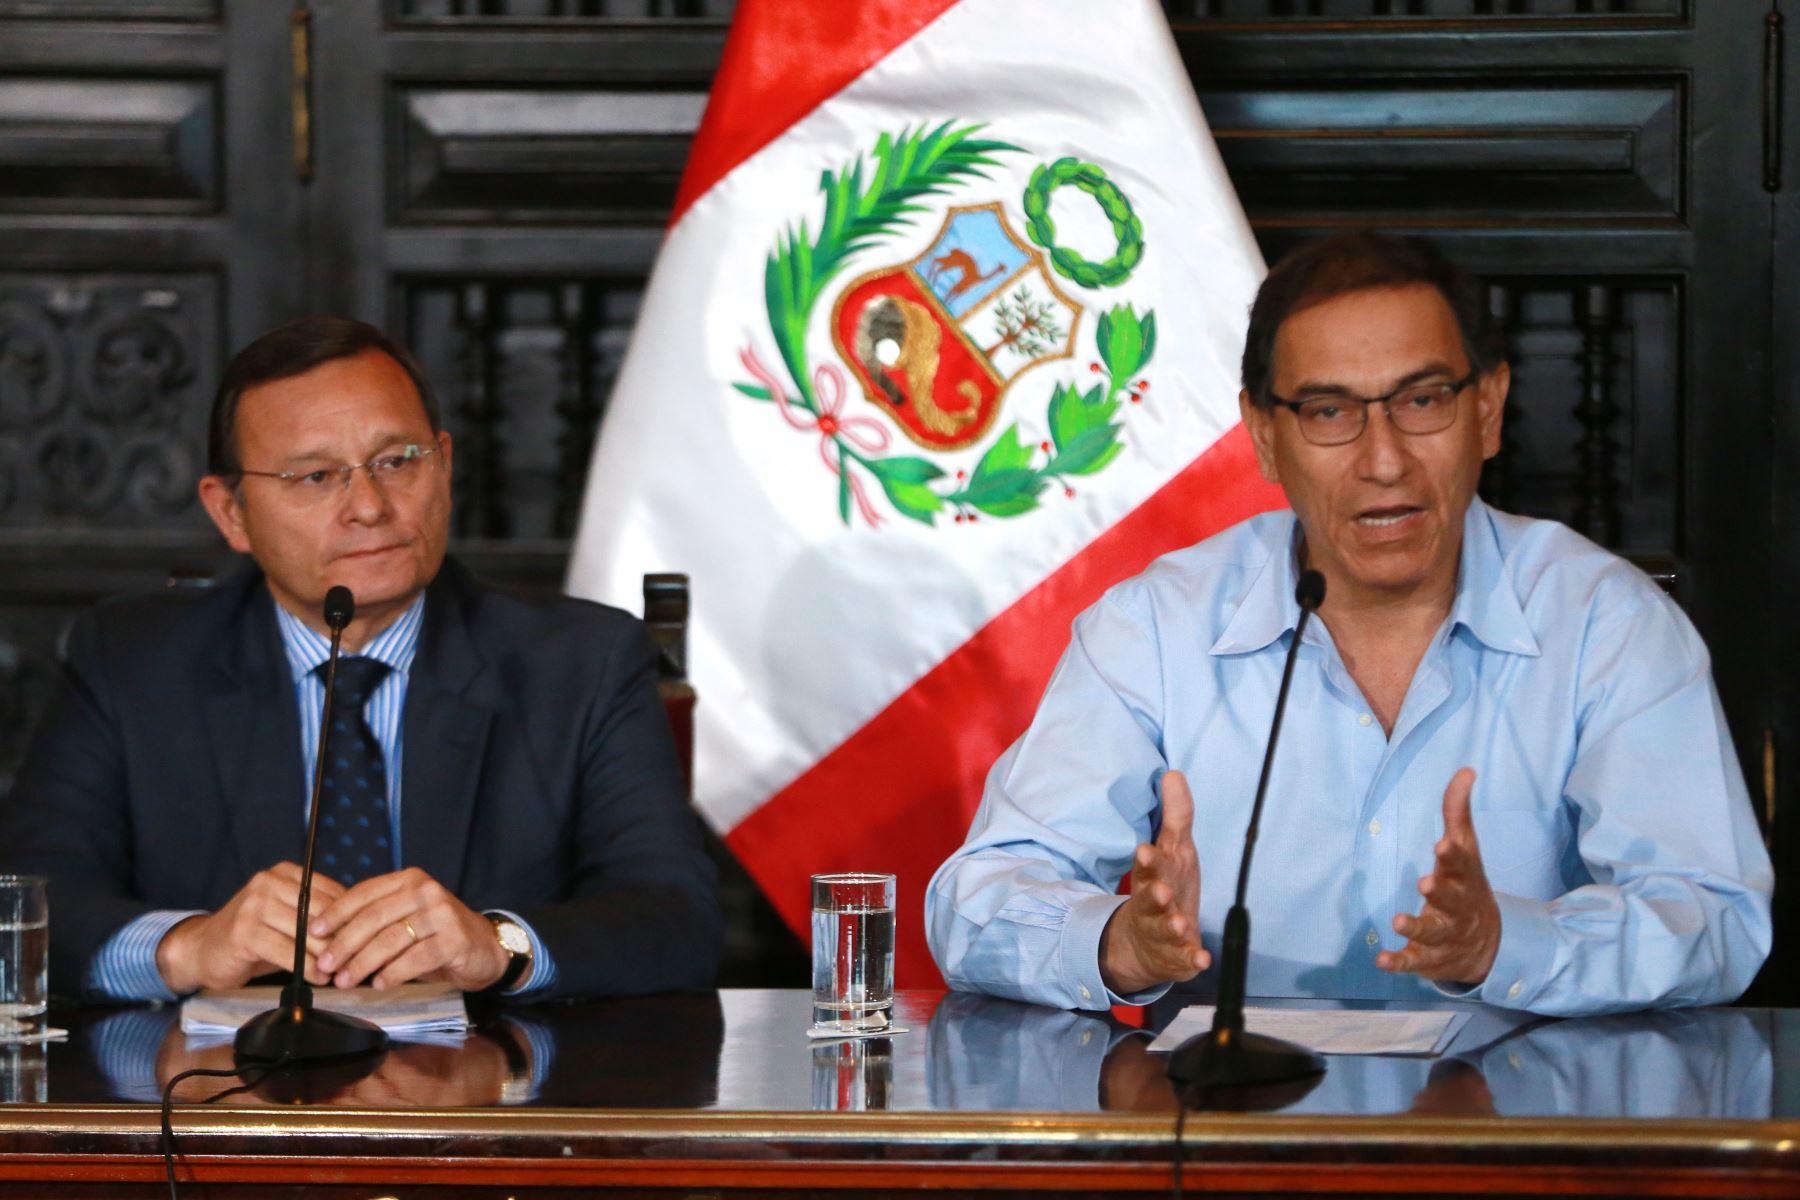 Conferencia prensa del Presidente de la República Martín Vizcarra y el Canciller Néstor Popolizio Bardales sobre la Cumbre de las Américas.  Foto: ANDINA/Vidal Tarqui